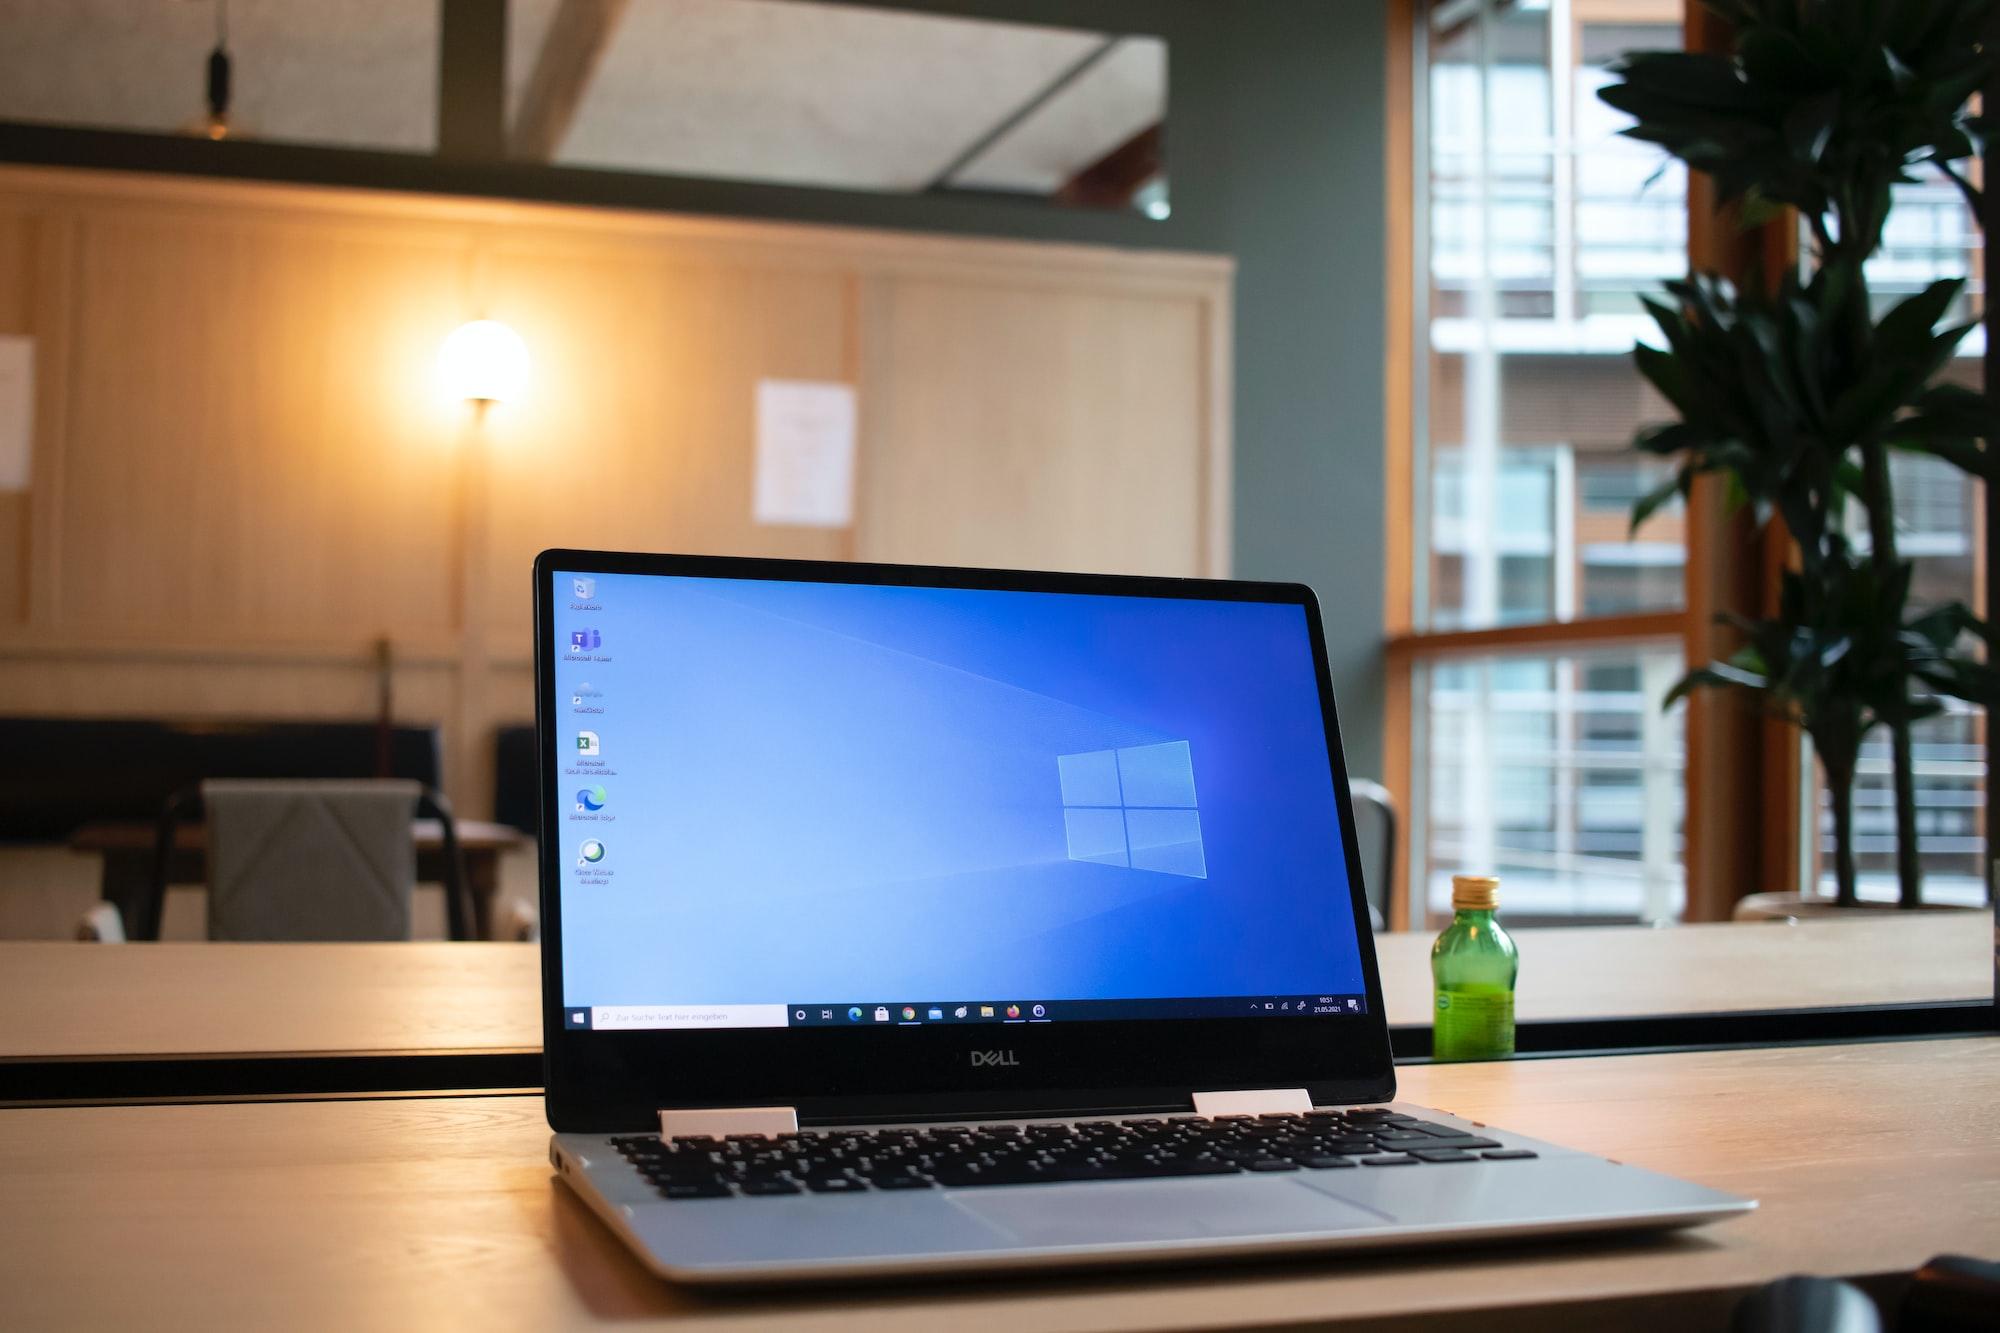 5 ventajas de Windows 10 sobre los sistemas operativos más antiguos